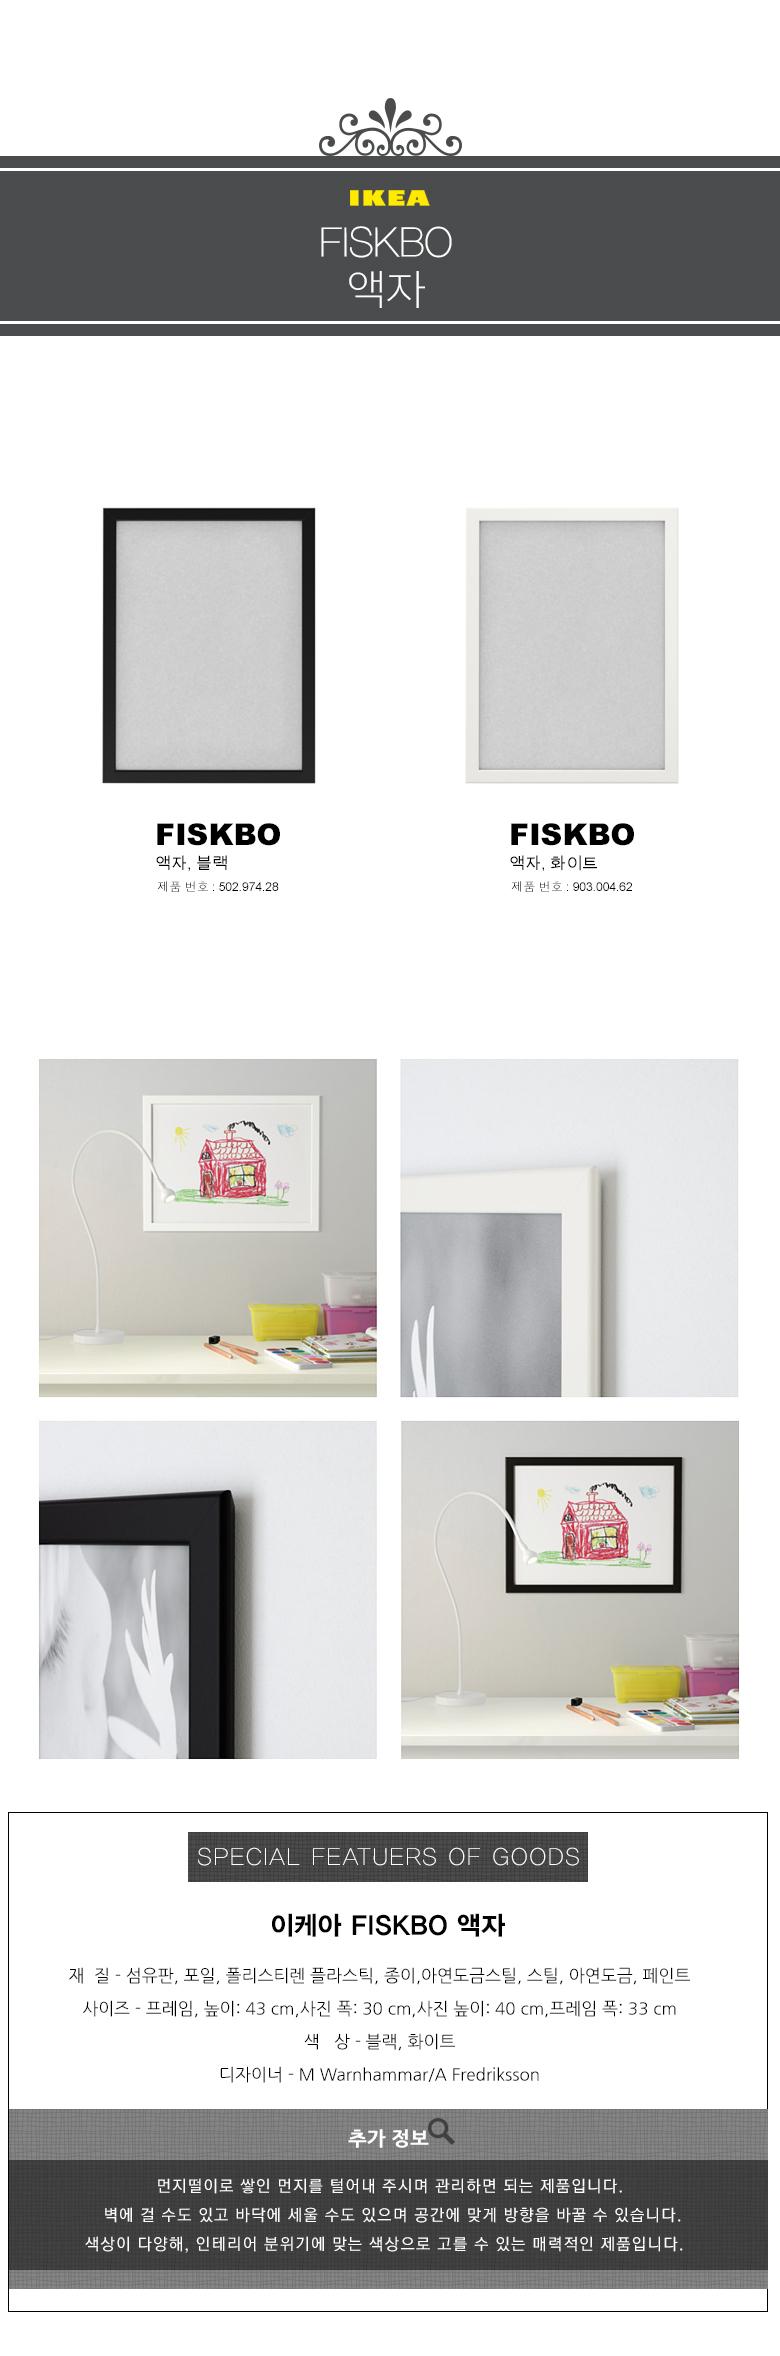 이케아 FISKBO 액자 (30x40) - 이케아, 6,330원, 액자, 미니액자